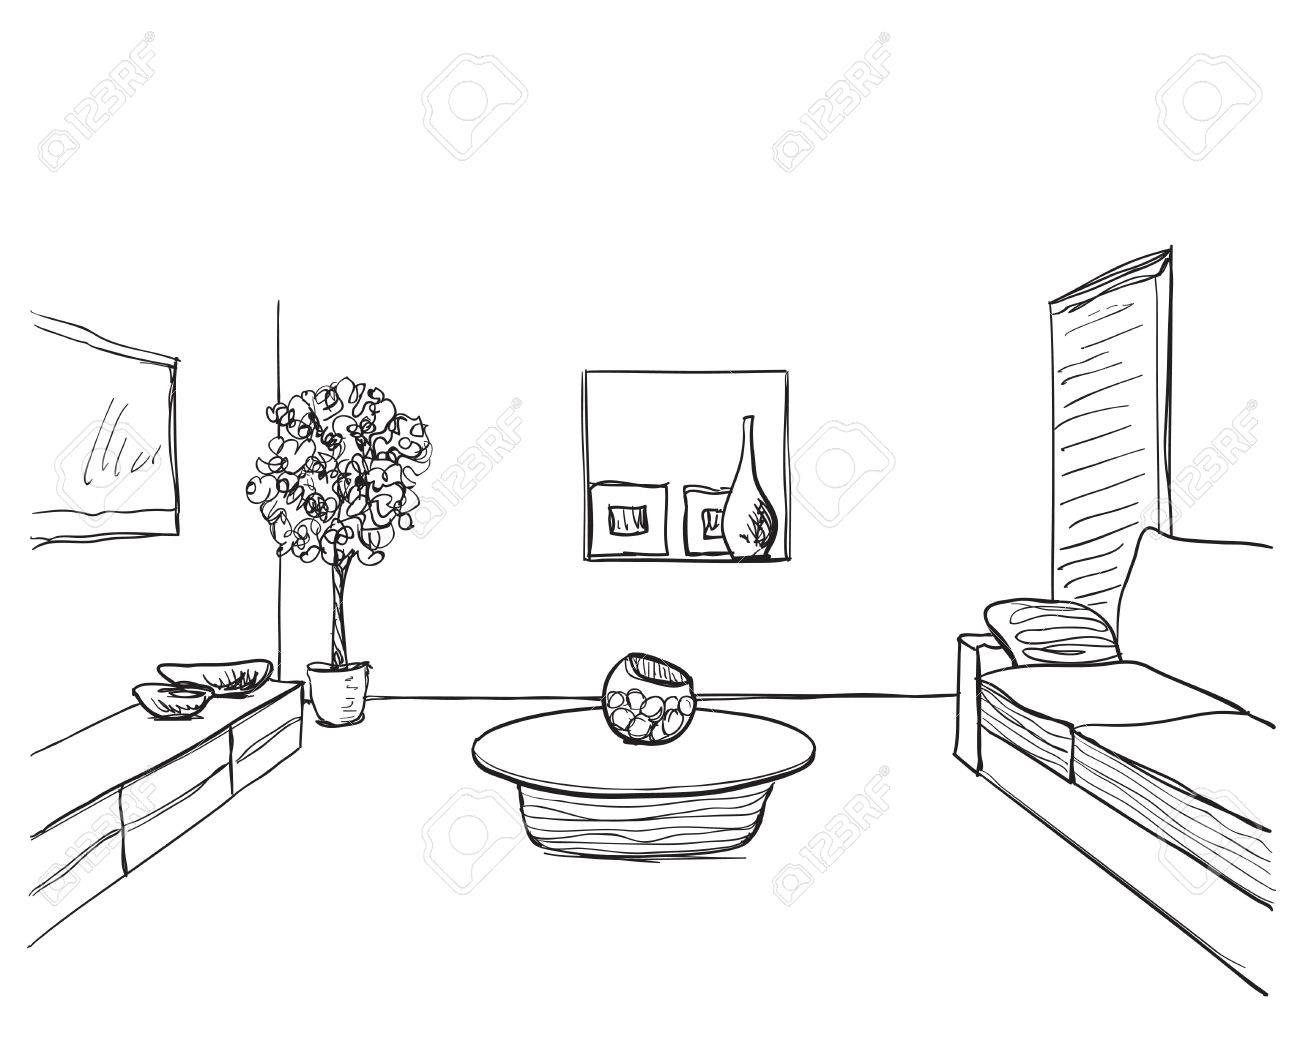 Gedeckter tisch gezeichnet  Tisch Gezeichnet | schmauchbrueder.com